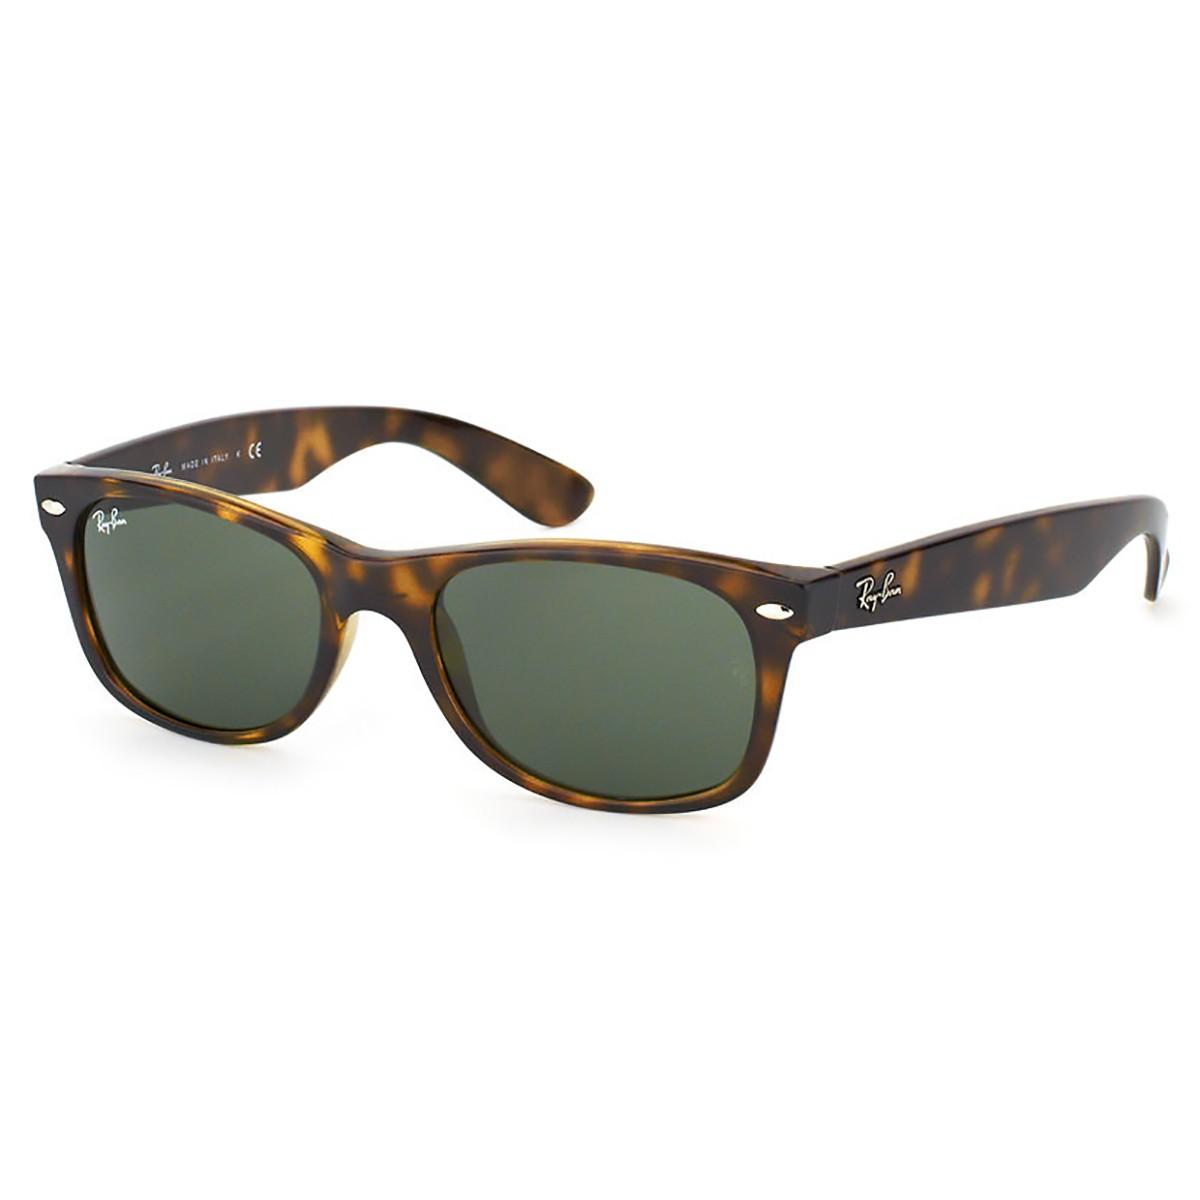 9a1e3f635 Óculos de Sol Ray Ban New Wayfarer RB2132